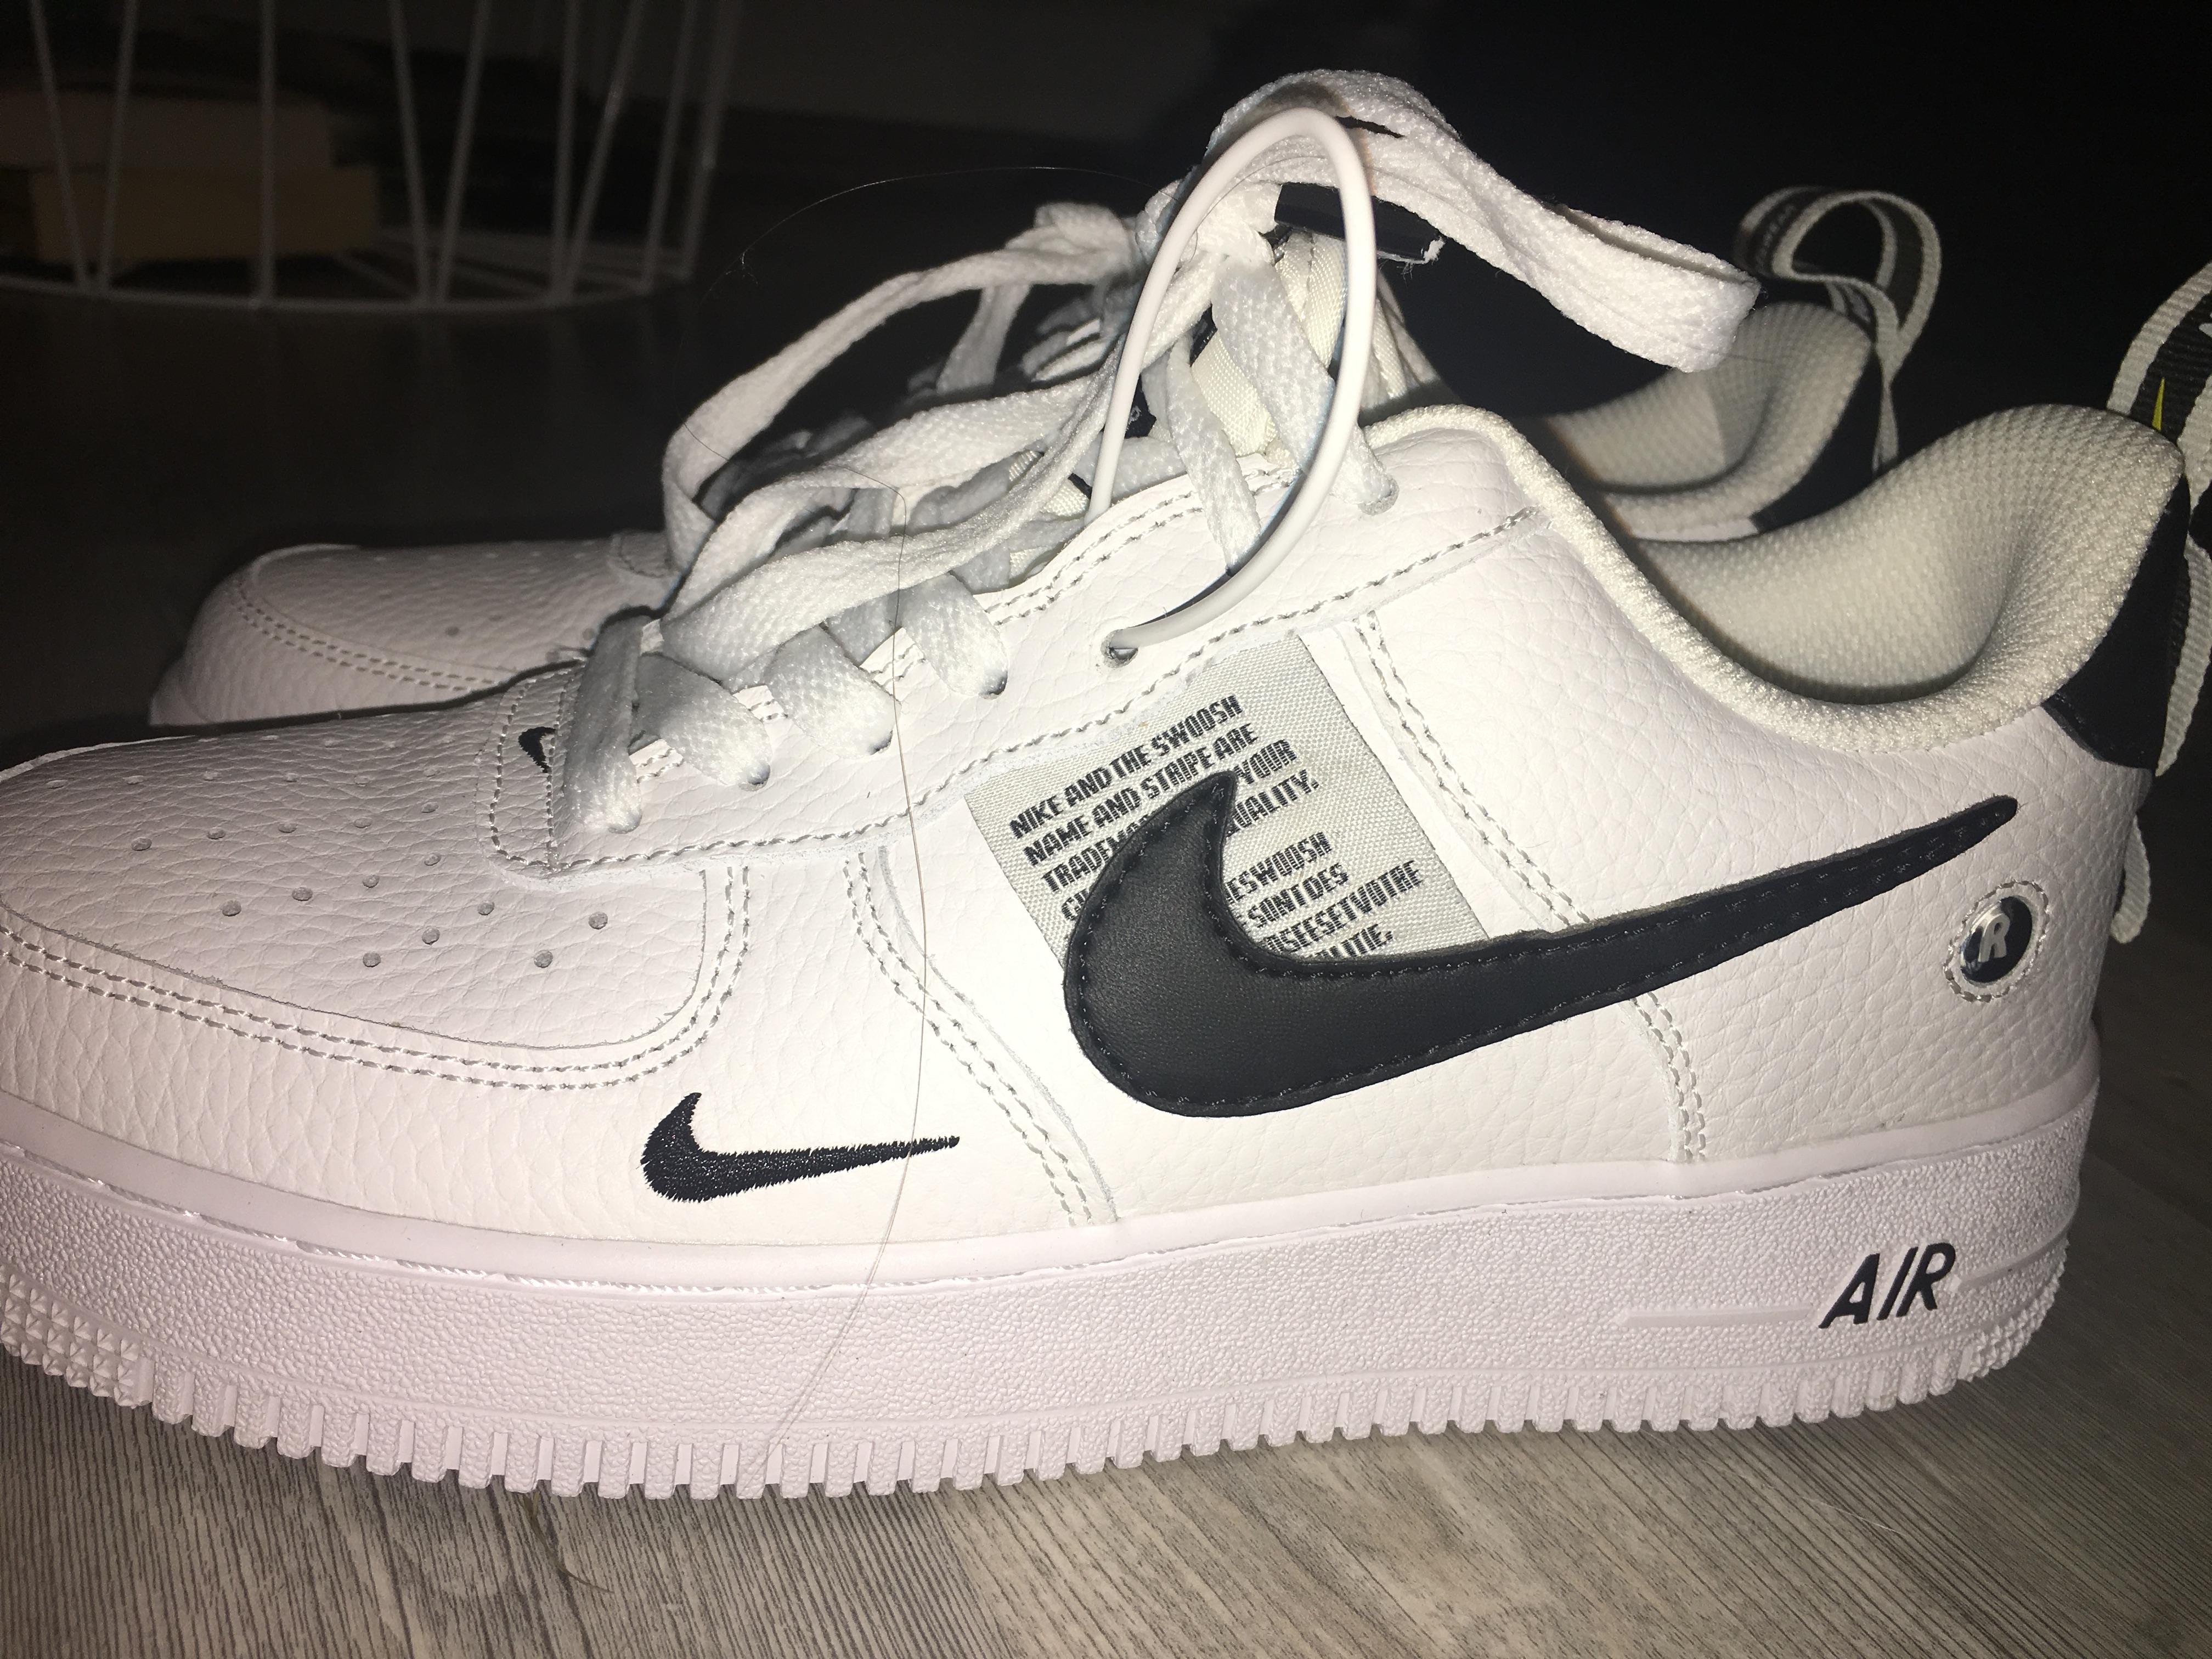 Nike Air Force Utility Weiß eBay Kleinanzeigen